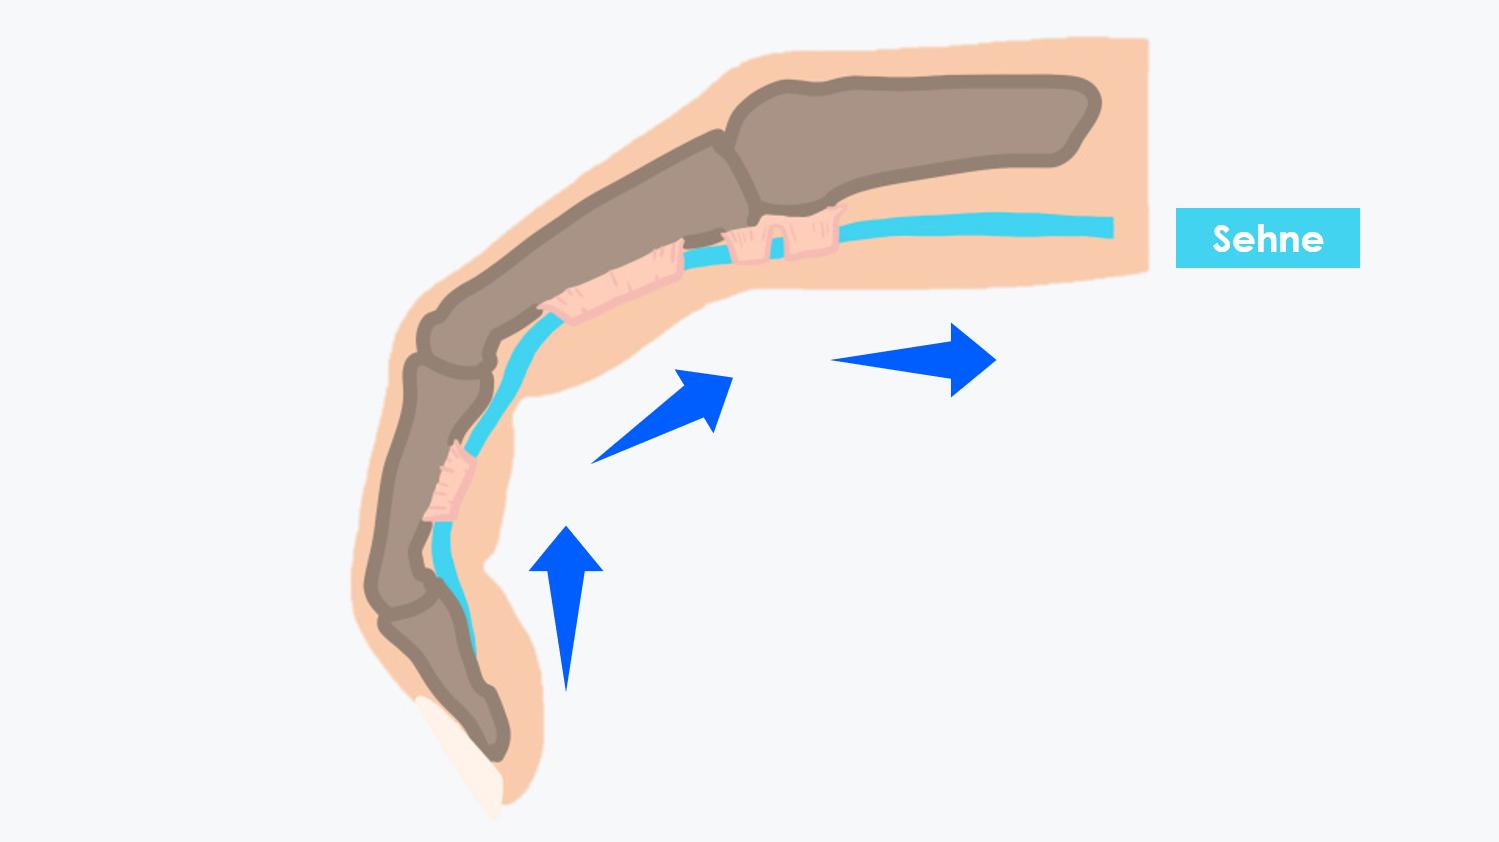 Nur wenn die Beugesehne regelmäßig durch die Sehnenscheide hindurchgleitet, wird ausreichend Synovialflüssigkeit abgesondert.